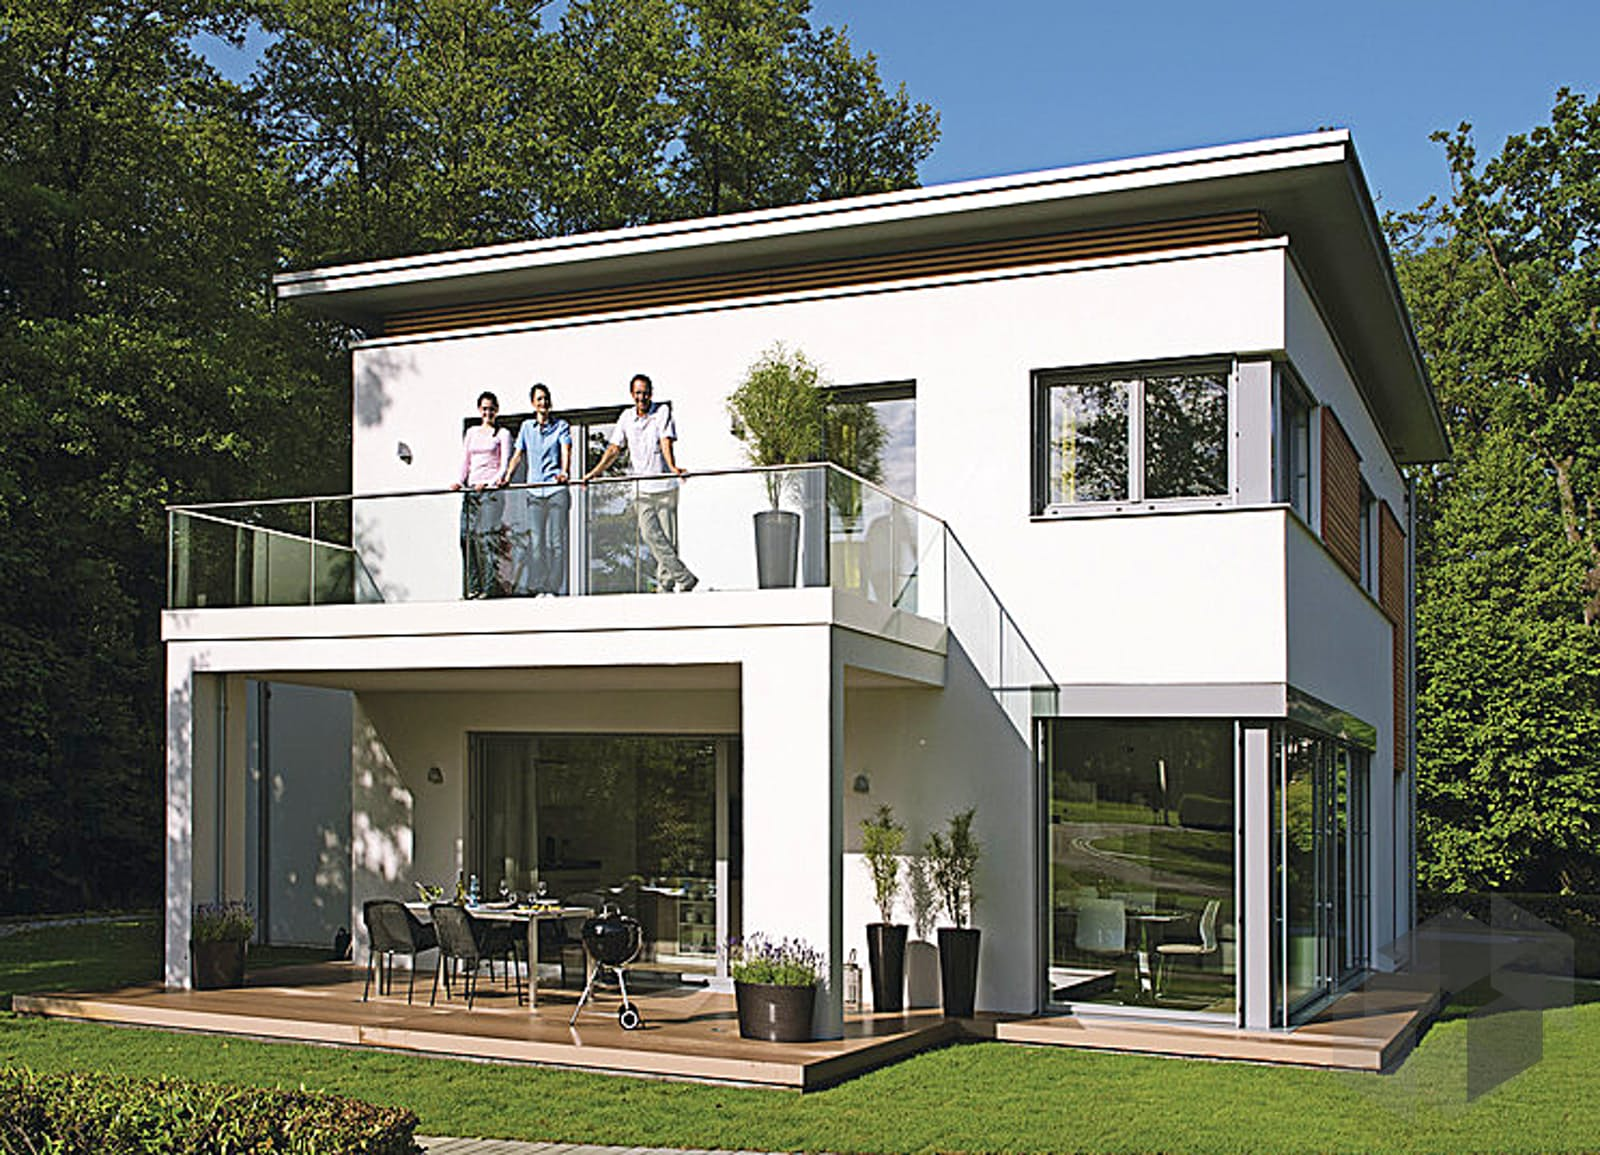 ausstellungshaus rheinau linx citylife 700 von weberhaus komplette daten bersicht. Black Bedroom Furniture Sets. Home Design Ideas